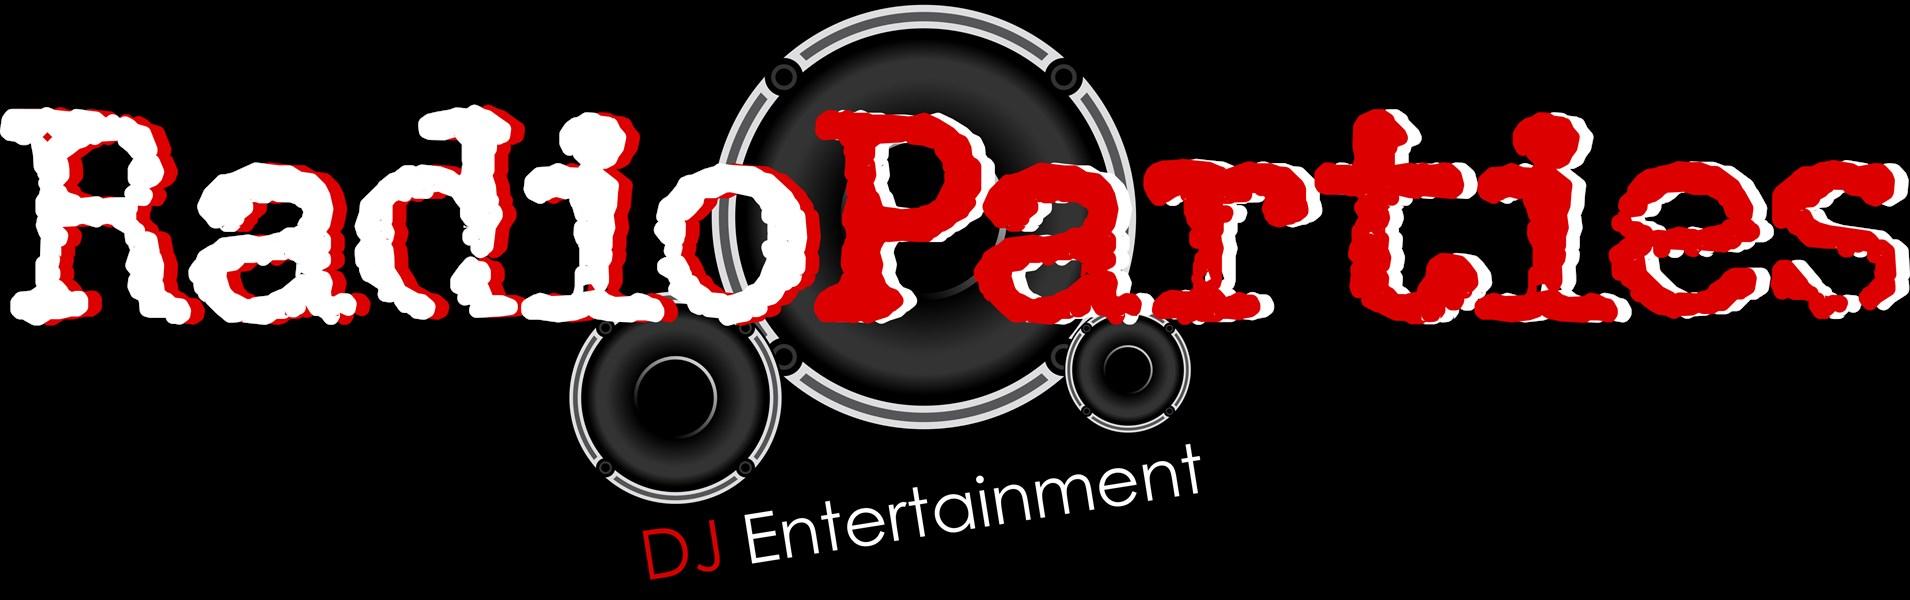 KISS 102.3 Radio Parties - DJ Albany, NY